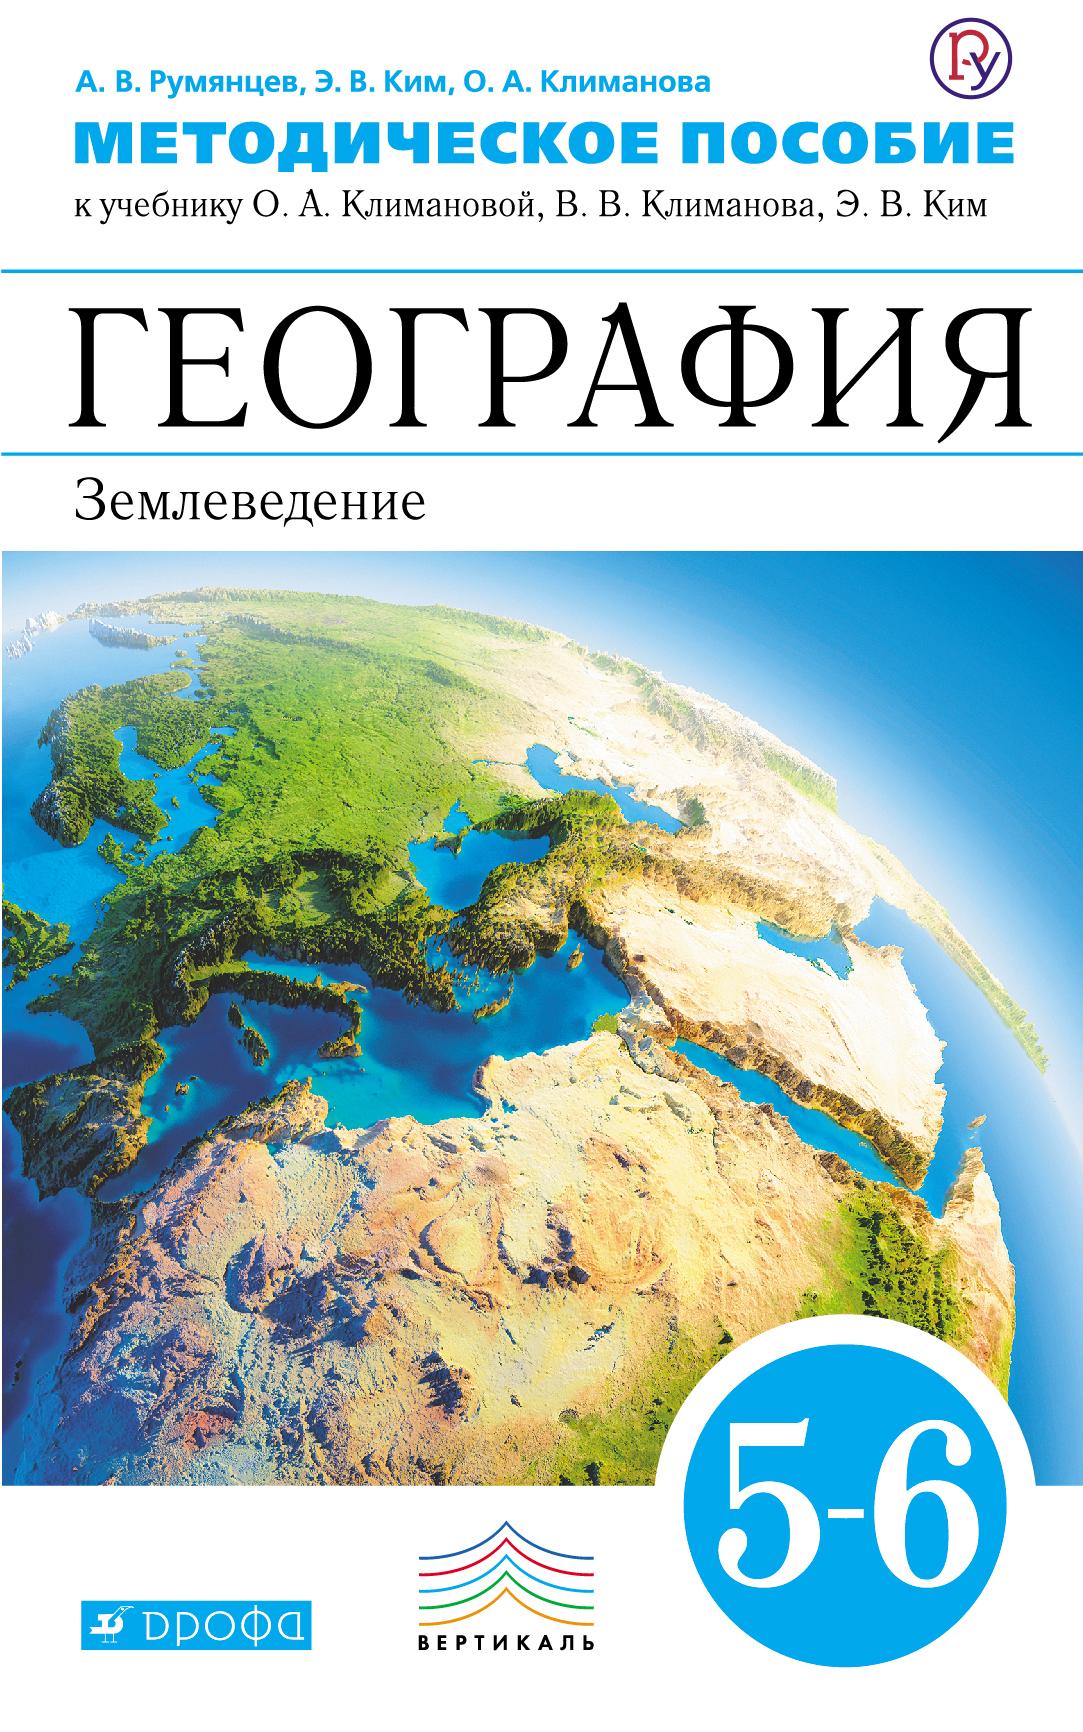 Румянцев А.В., Ким Э.В., Климанова О.А. География. 5–6 классы. Методическое пособие